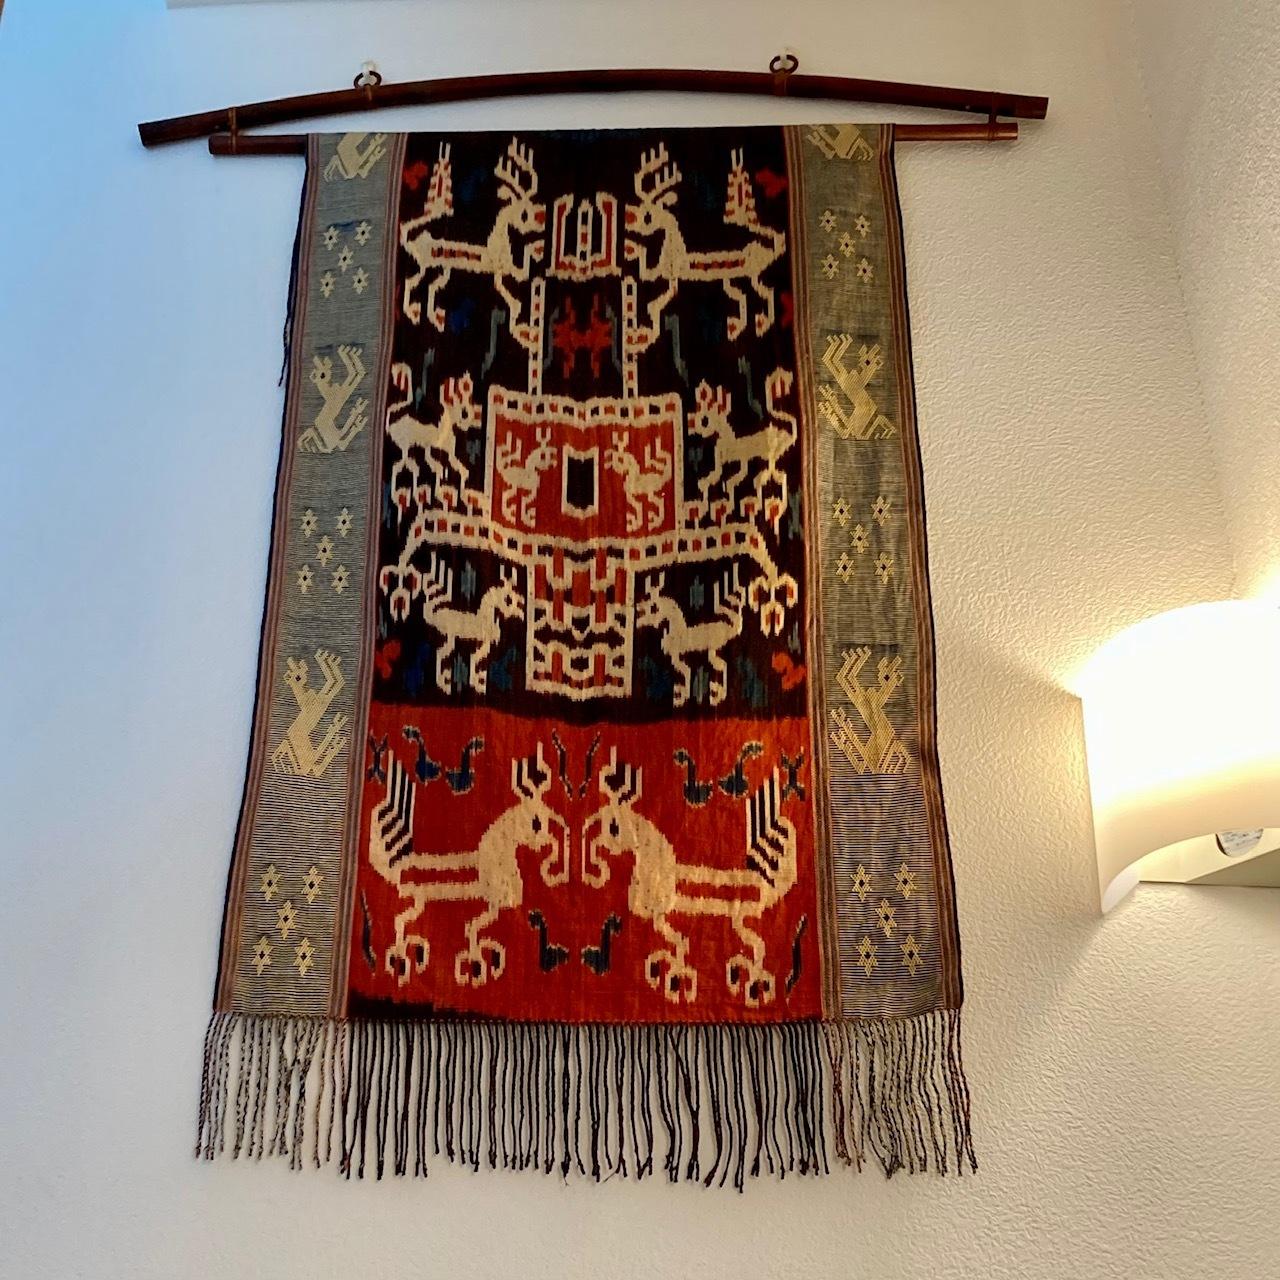 バリのウブドで購入したインドネシアの織物イカット